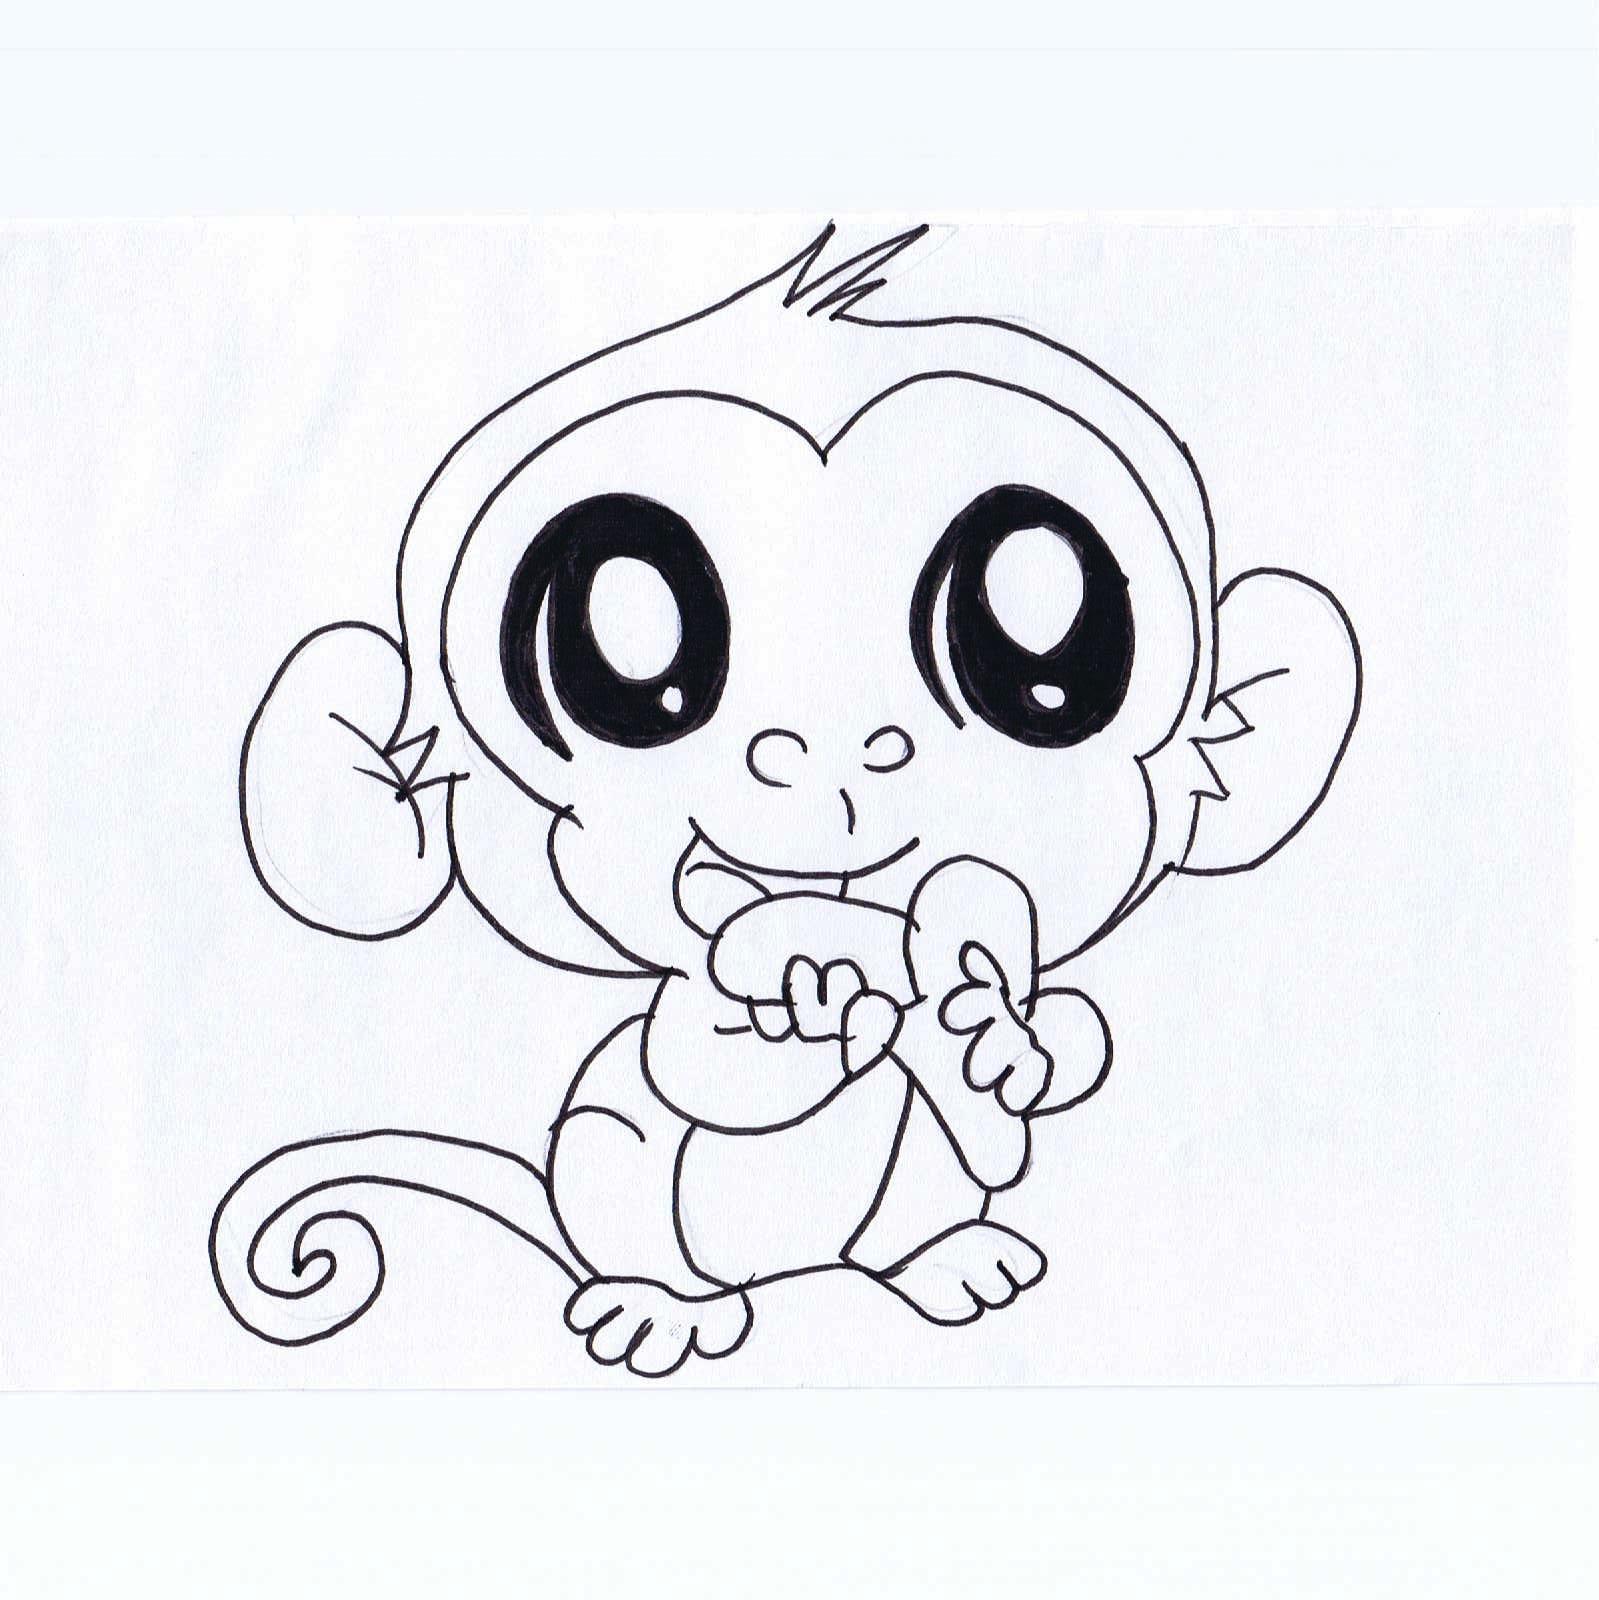 1599x1600 Cute Drawings Of Monkeys